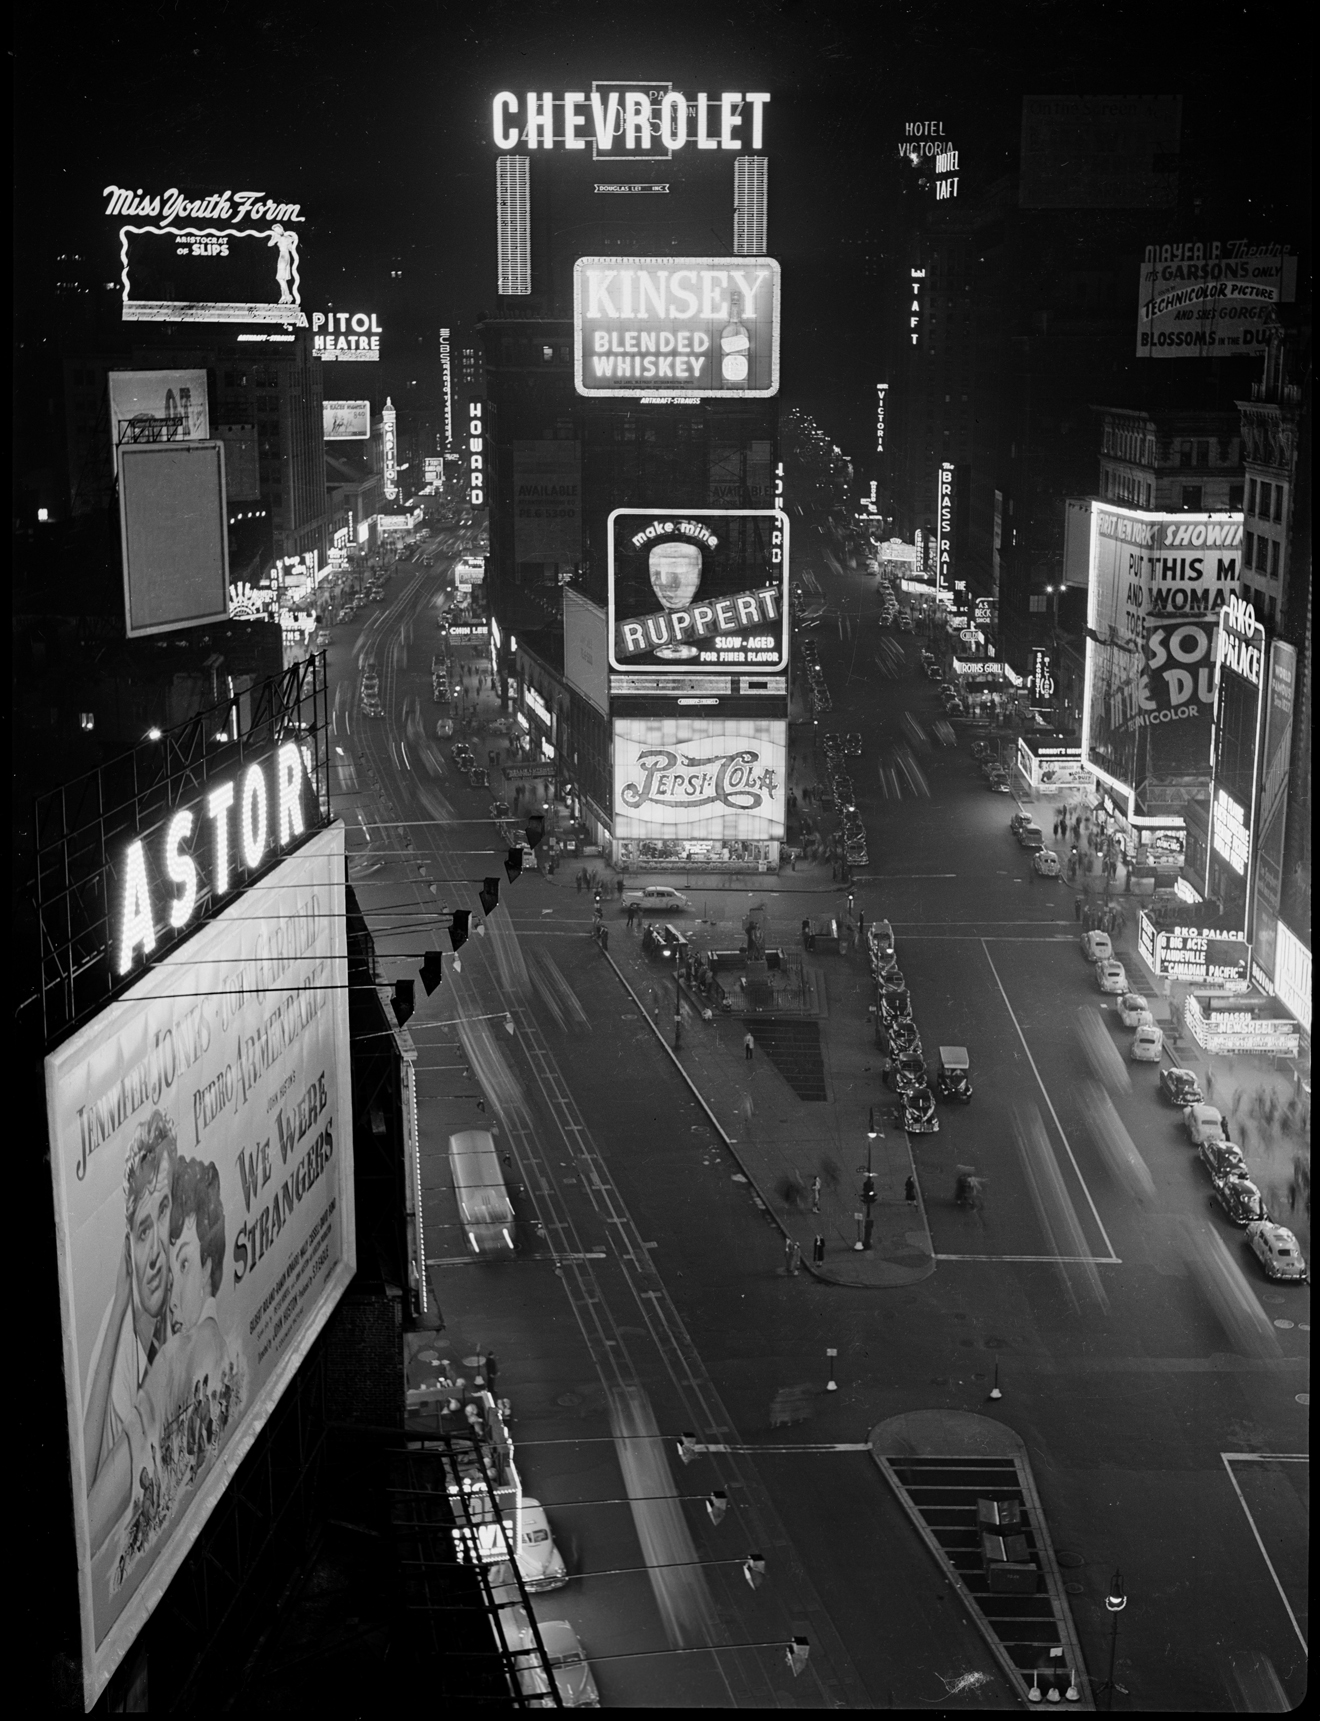 亚瑟·罗斯斯坦(Arthur Rothstein),约翰·范雄(John Vachon),菲利普·哈灵顿(Phillip Harrington),《 LOOK》杂志,1949年。纽约市博物馆。 X2011.4.11125